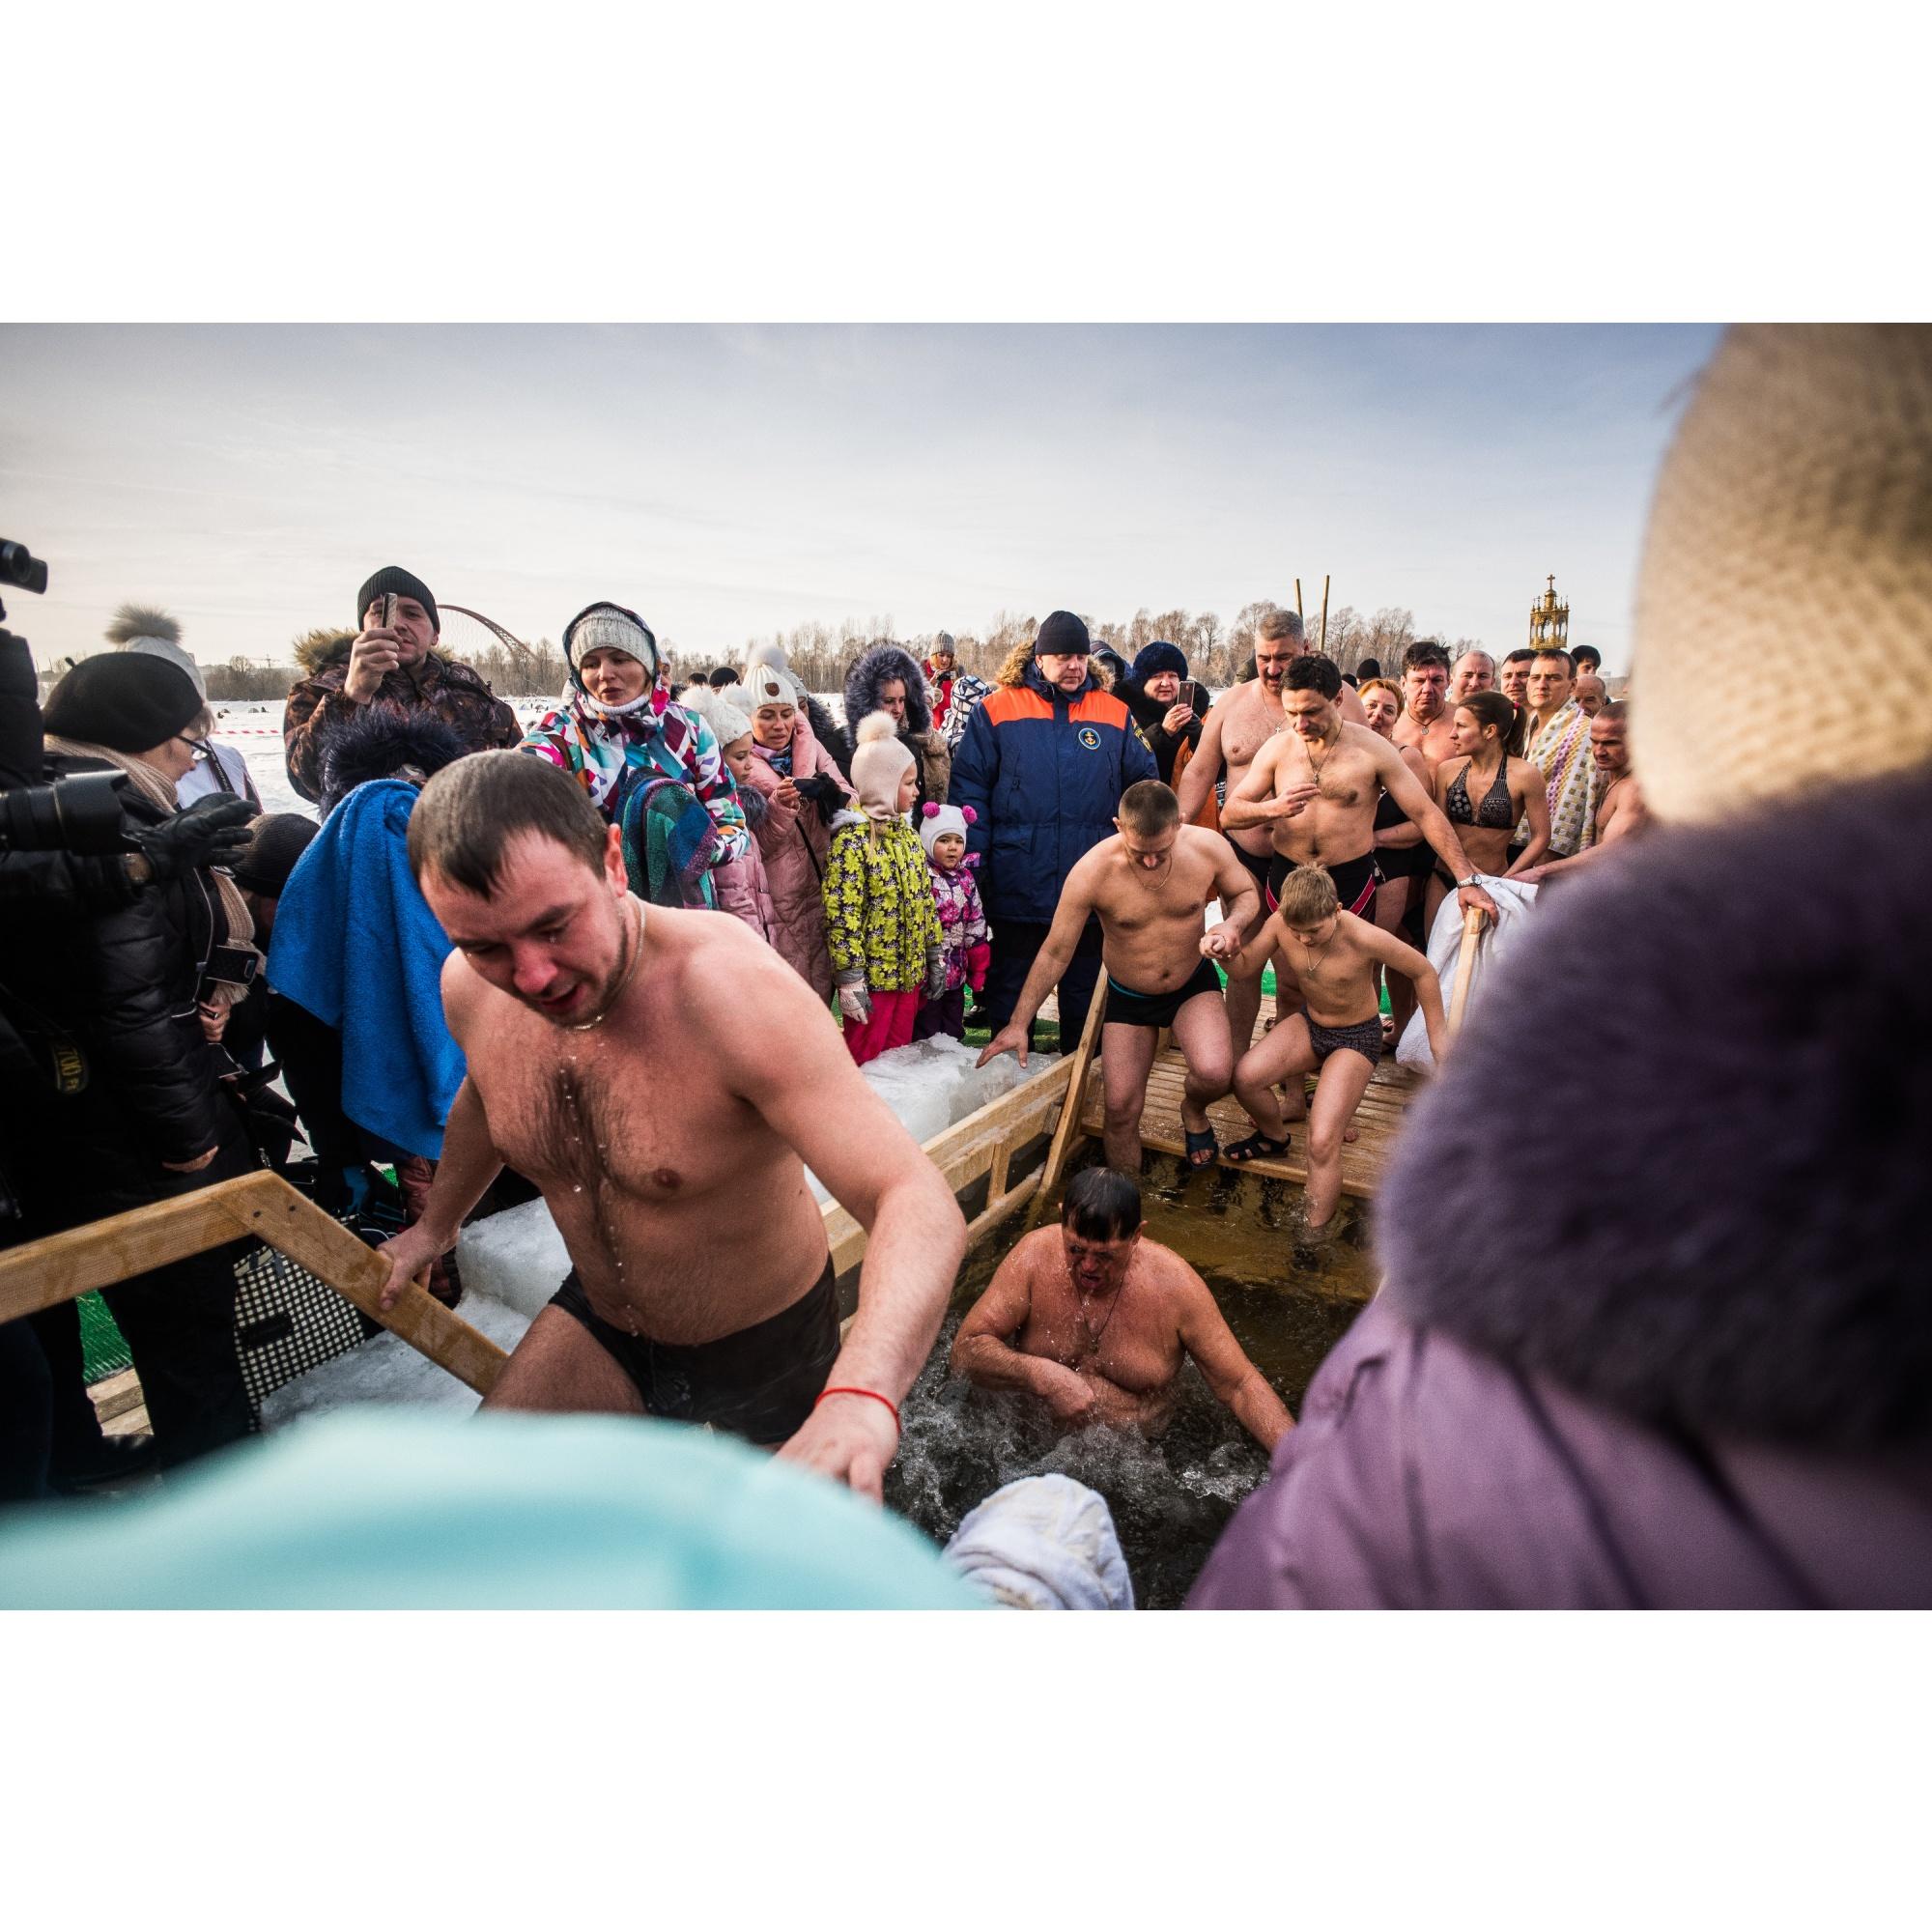 Спасатели пытались пускать купающихся по одному, но они торопились — и так замёрзли, пока стояли и ждали своей очереди